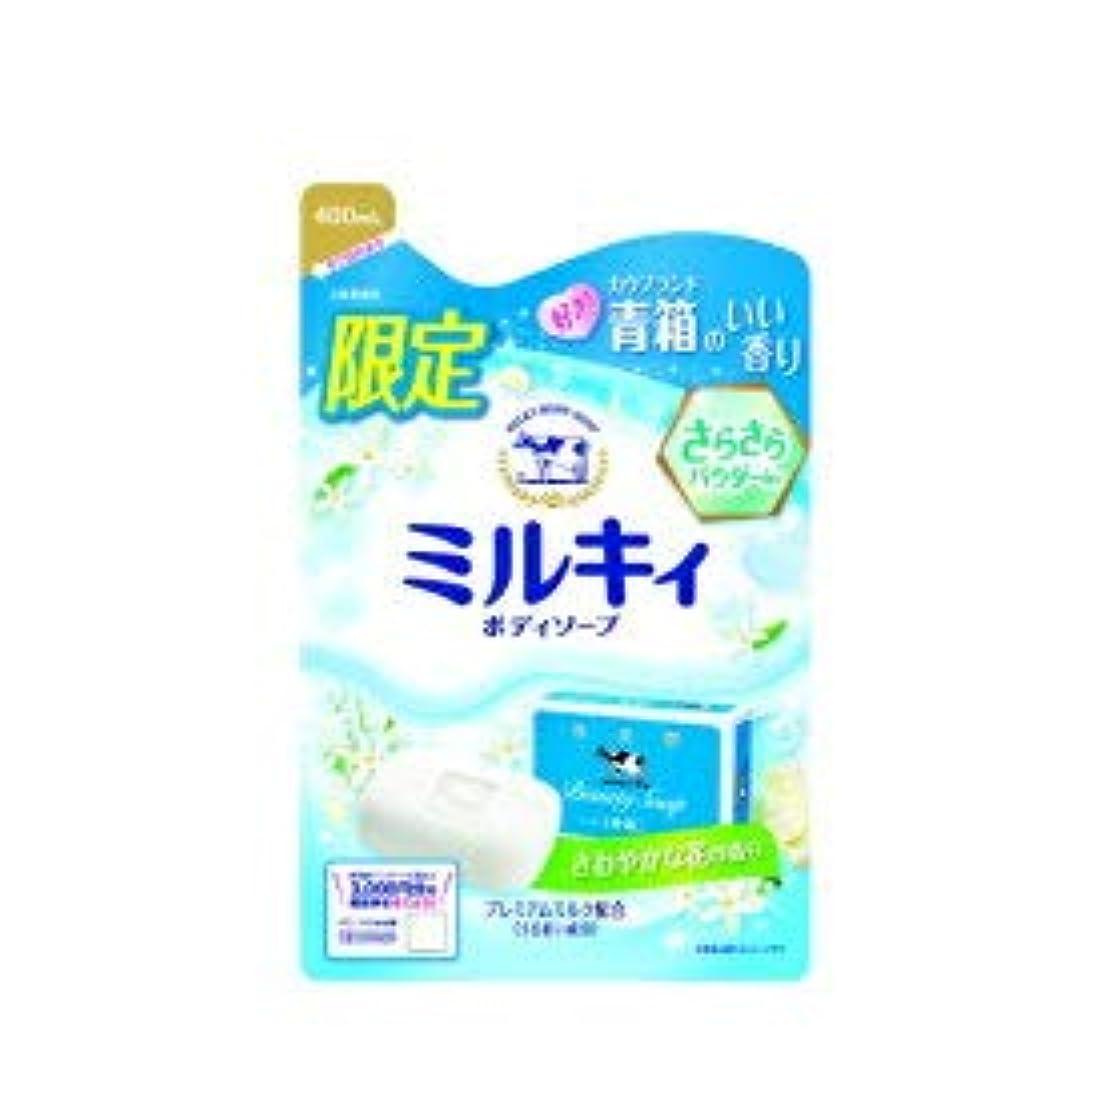 いう災難ダウン【限定】ミルキィボディソープ 青箱の香り 詰替 400ml